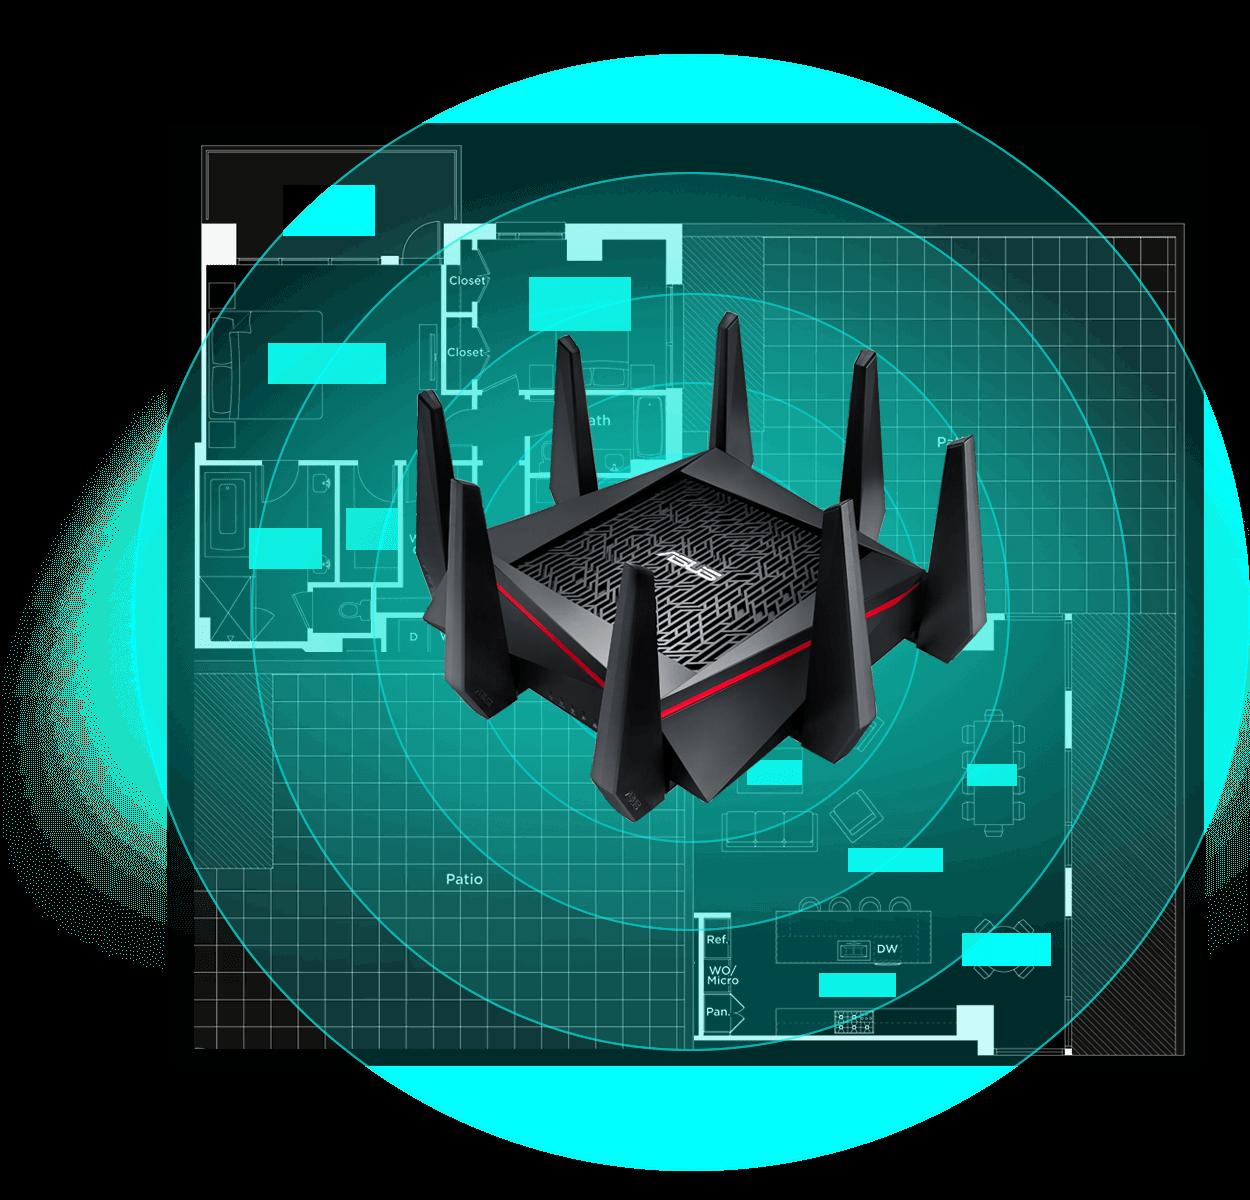 Le RT-AC5300 intègre le beamforming AiRadar pour pour augmenter la rapidité et la force de votre signal Wi-Fi